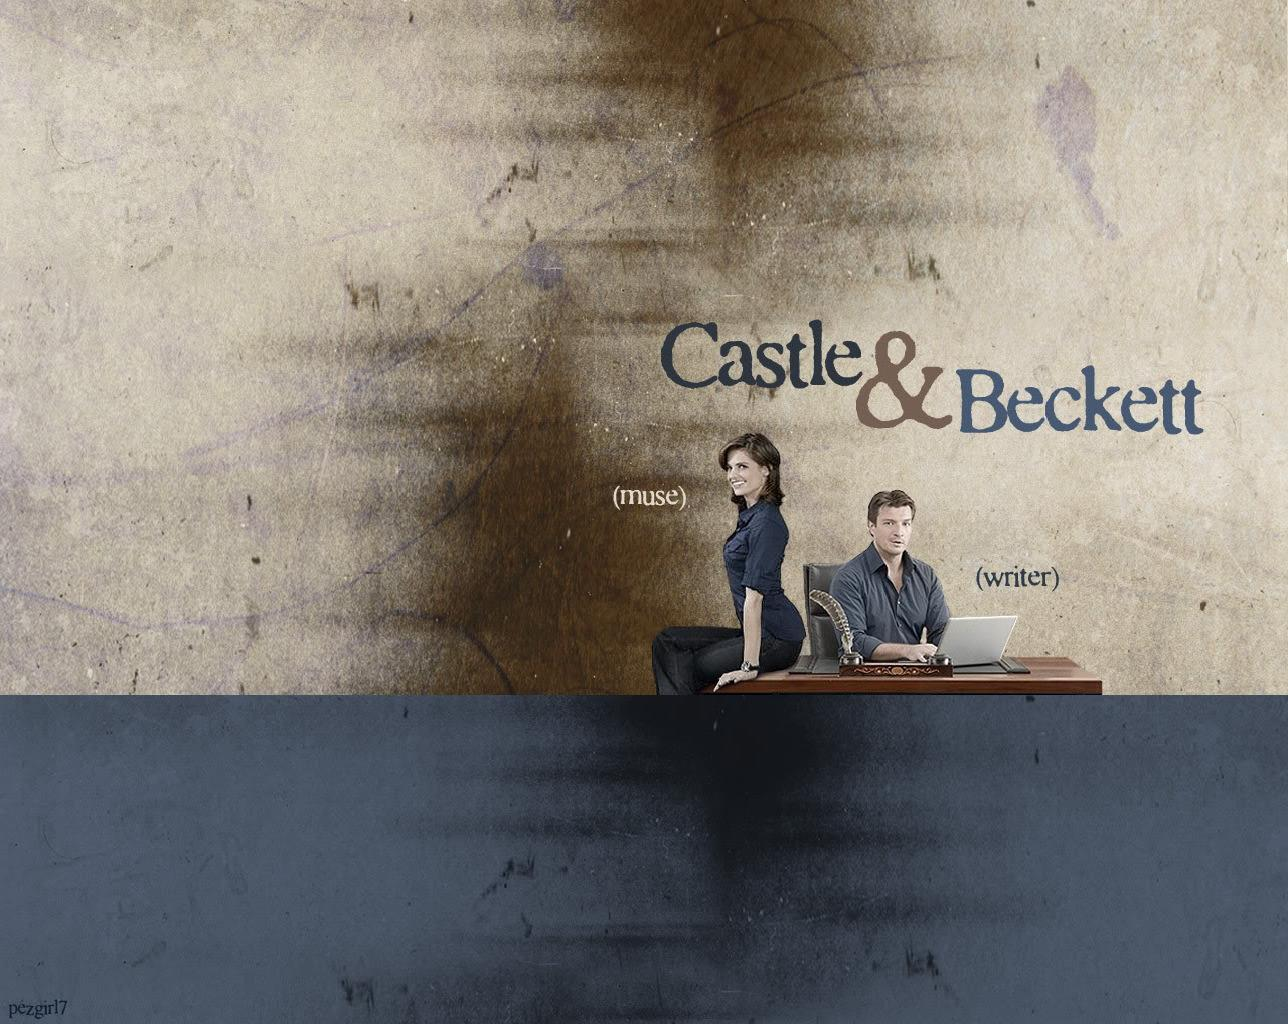 castle-et-beckette-ecrivain-et-muse